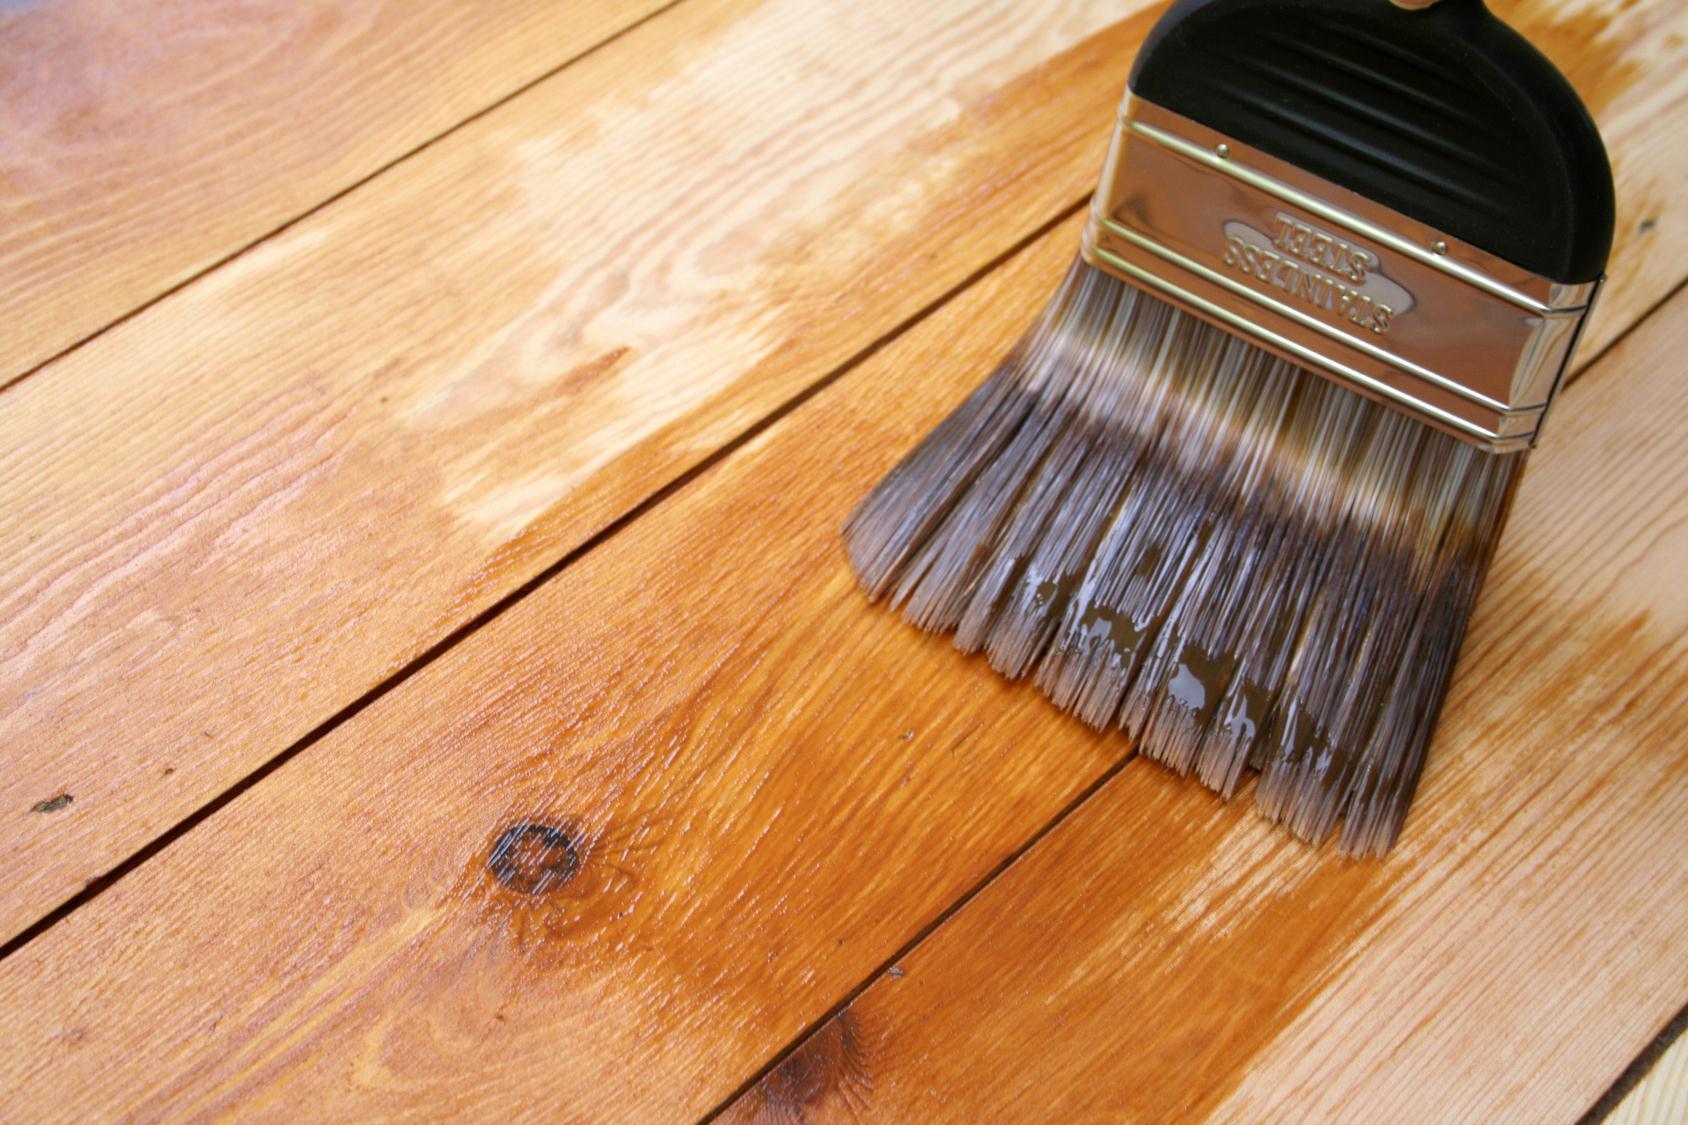 Материалы для покраски деревянных изделий